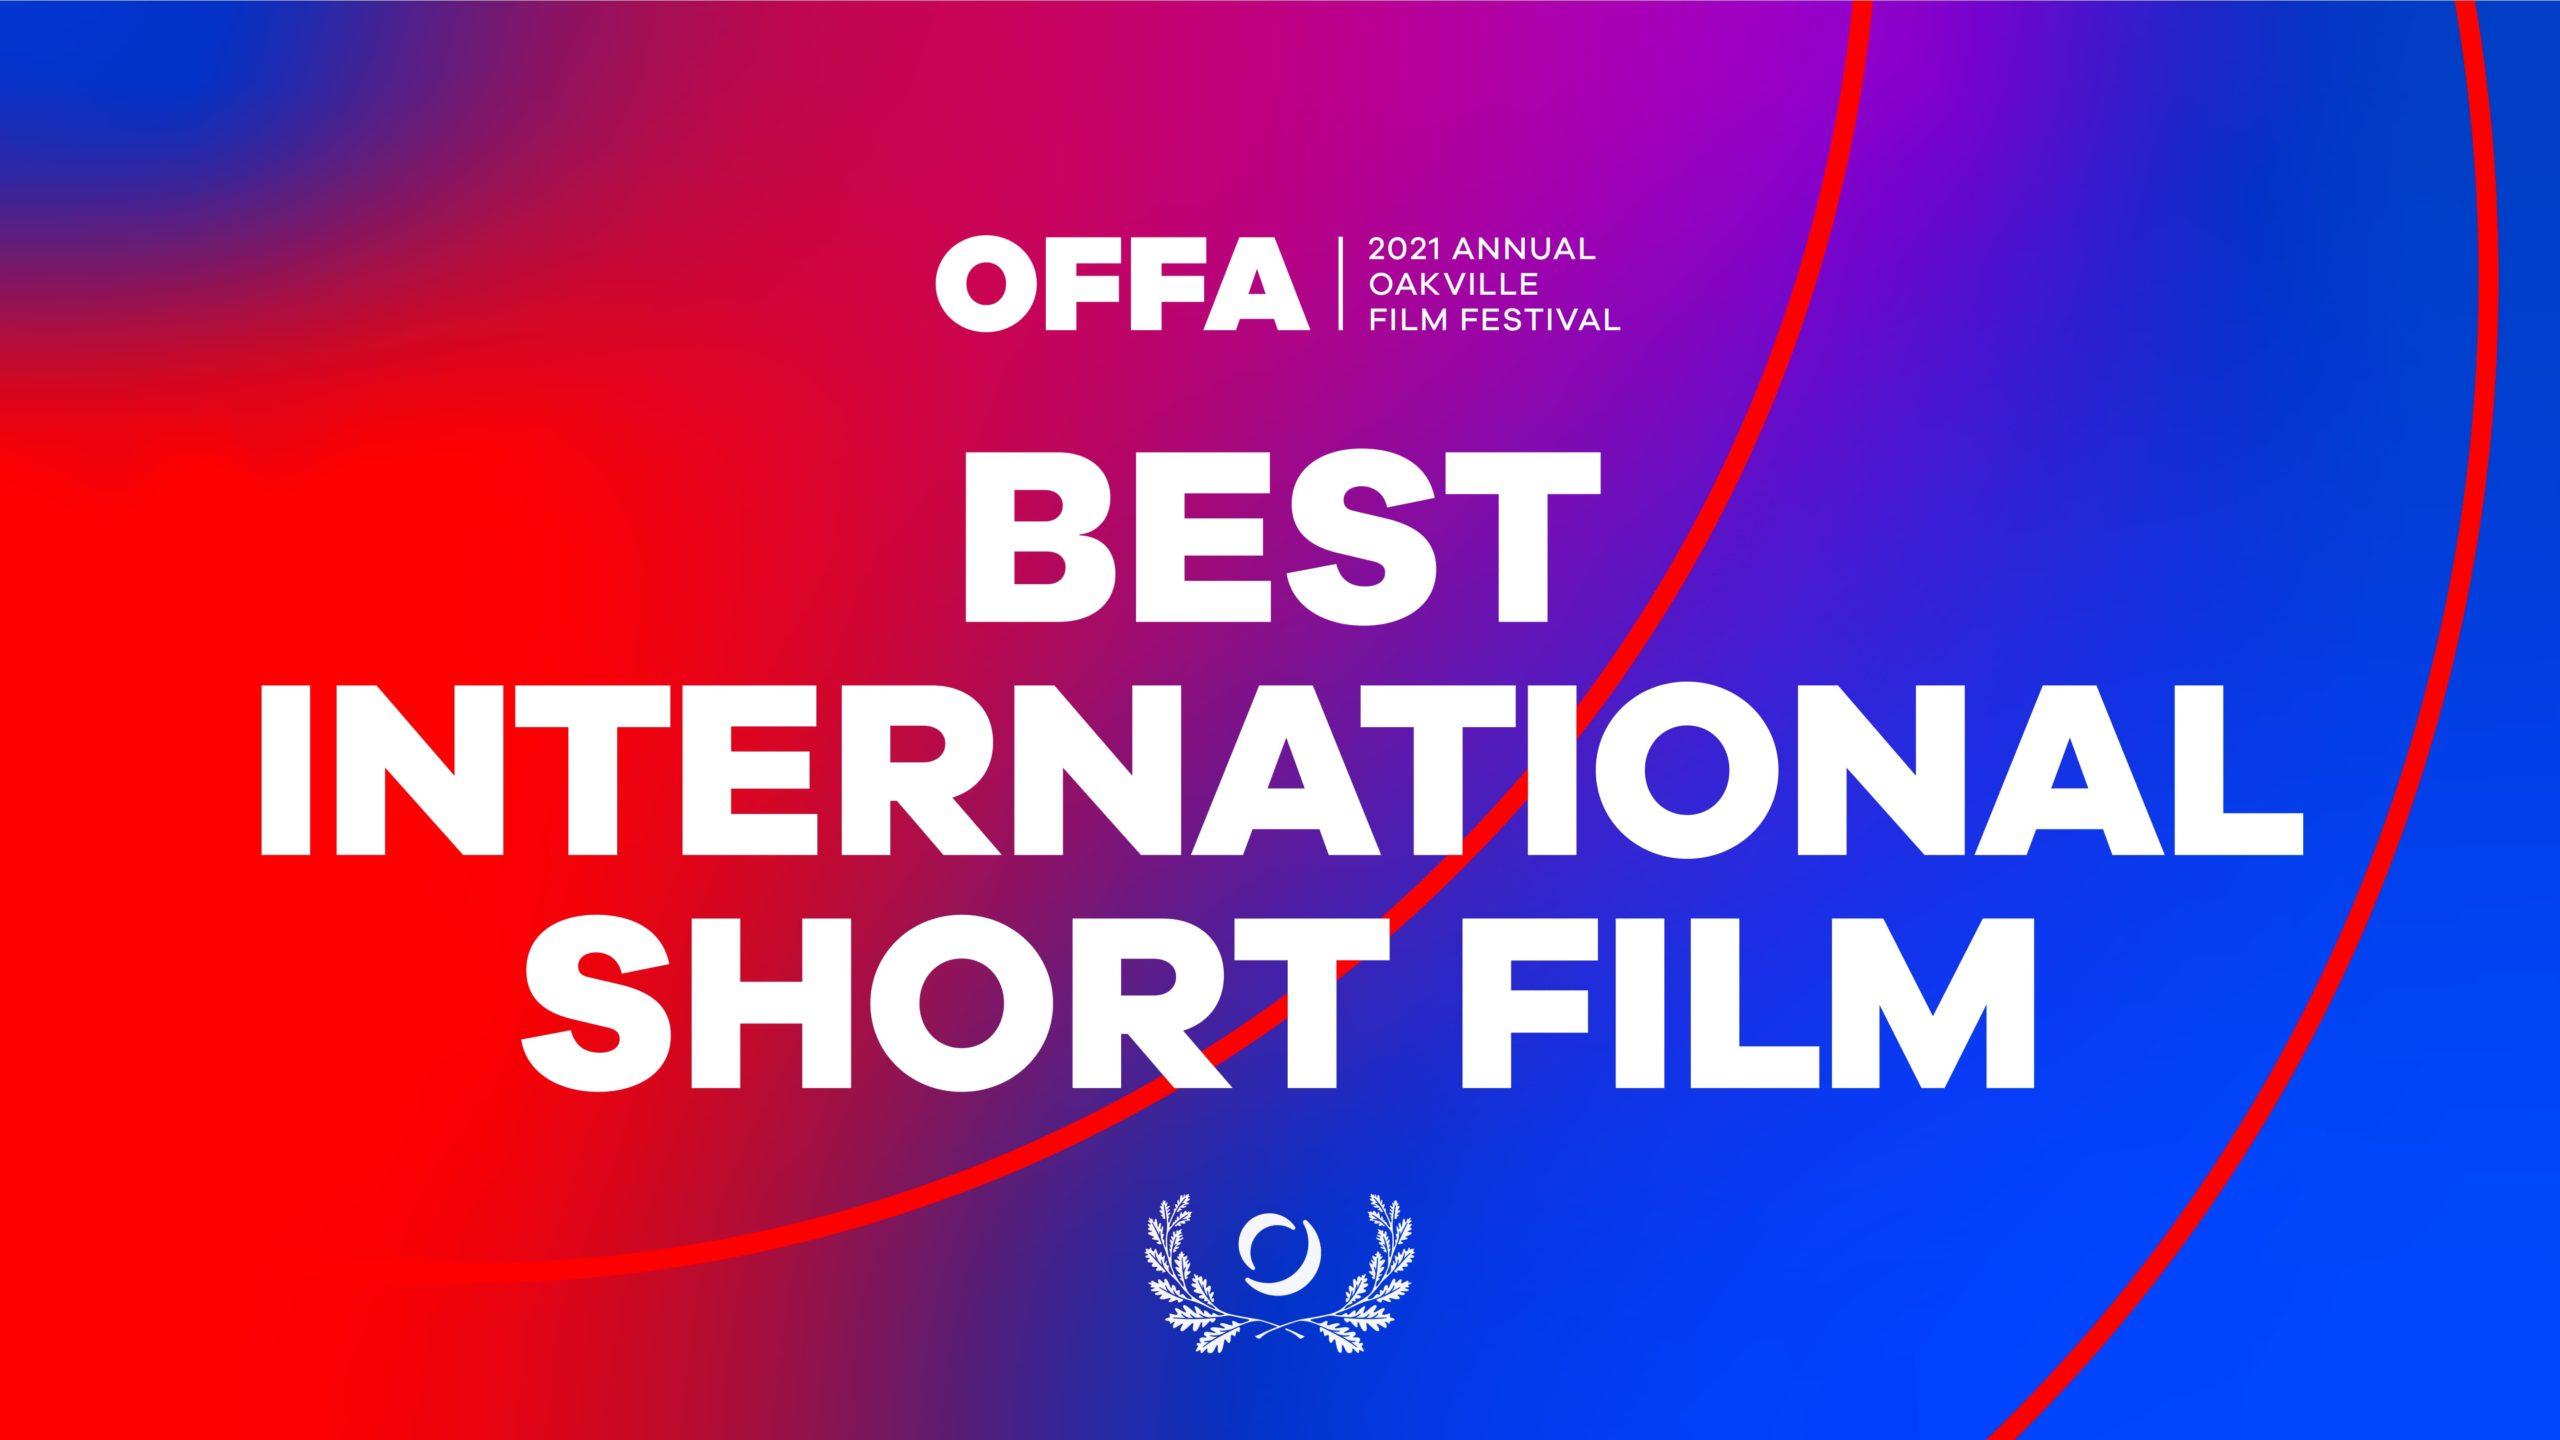 OFFA 2021 Best International Short Film